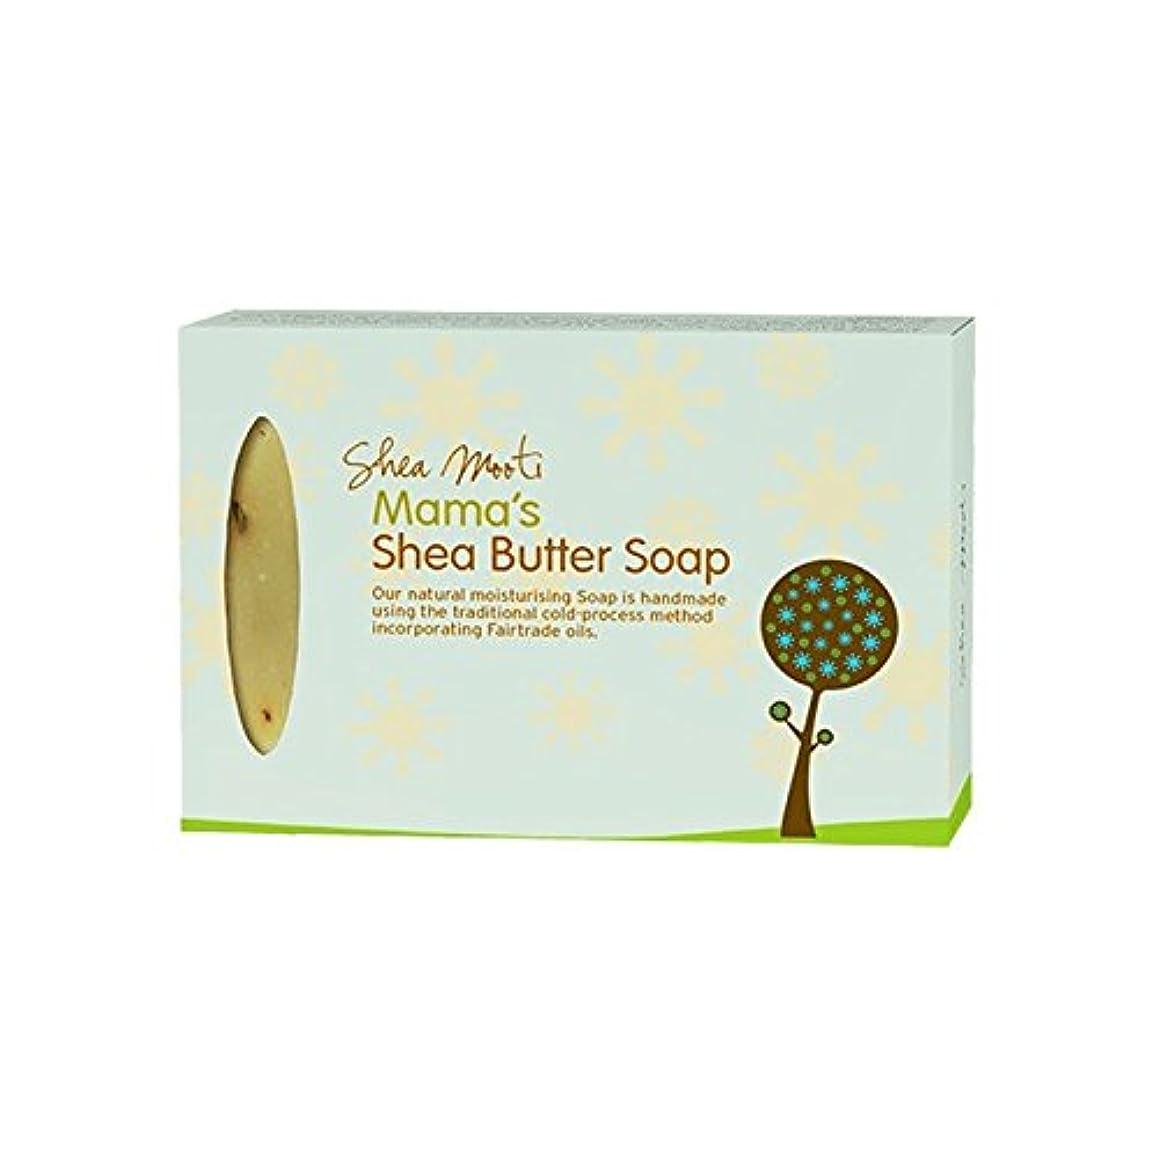 人差し指狂う前提条件シアバターMootiママのシアバターソープ100グラム - Shea Mooti Mama's Shea Butter Soap 100g (Shea Mooti) [並行輸入品]